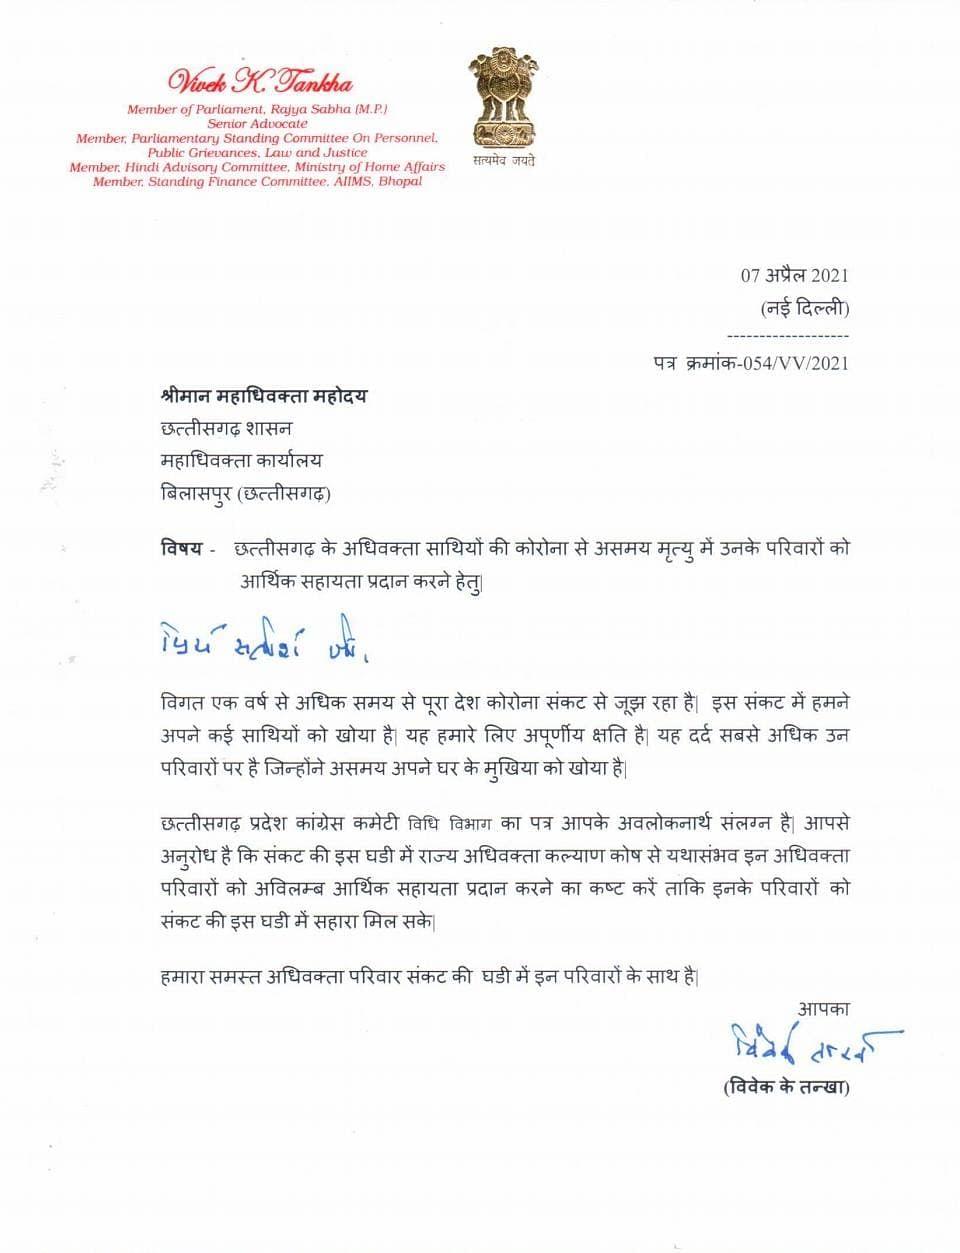 बिलासपुर : अधिवक्ताओं के आर्थिक मदद को लेकर राज्यसभा सांसद ने स्टेट बार को लिखा पत्र